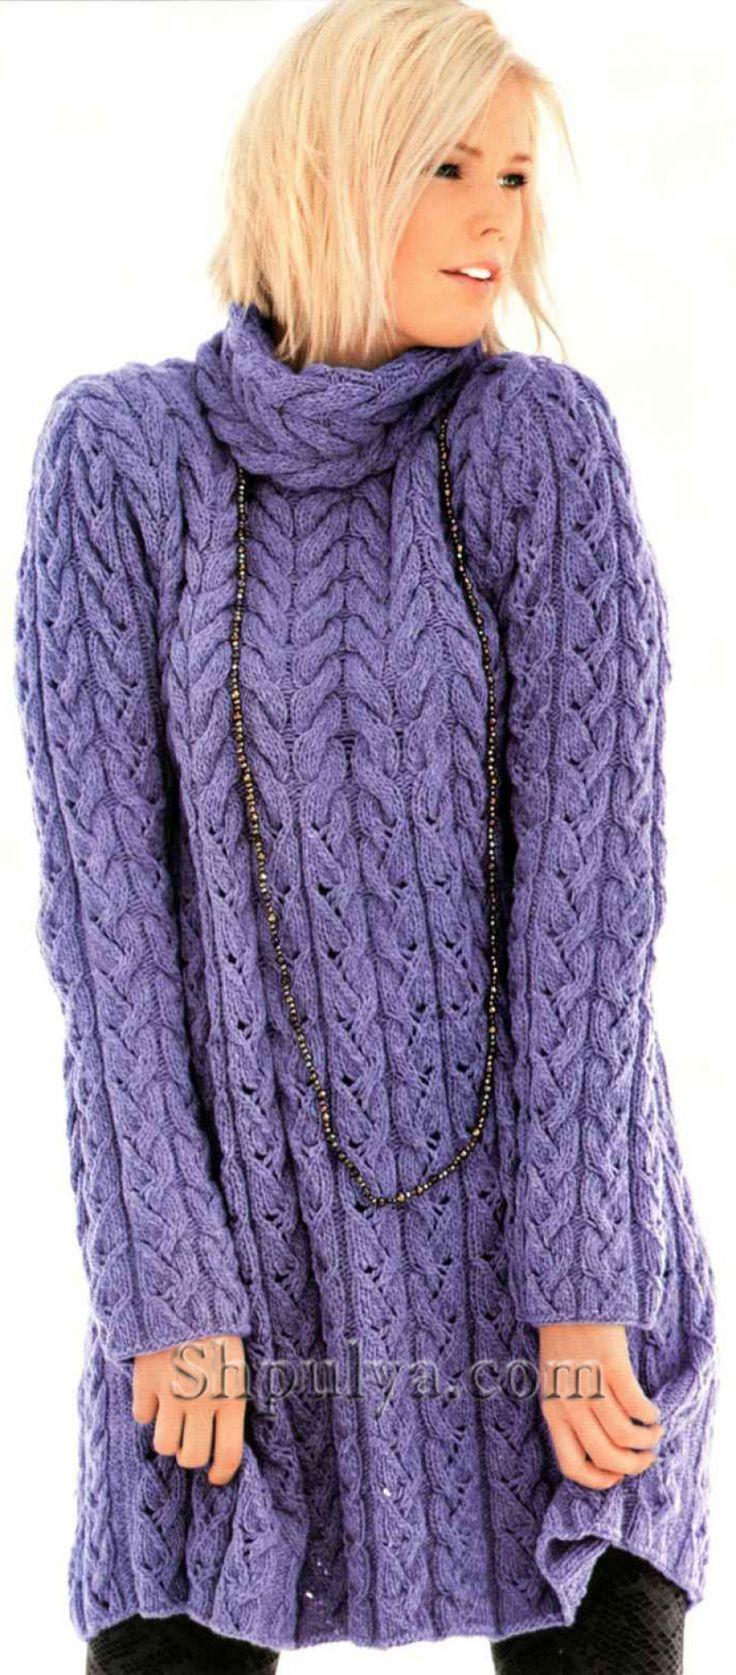 Сиреневое платье с узором из кос спицами